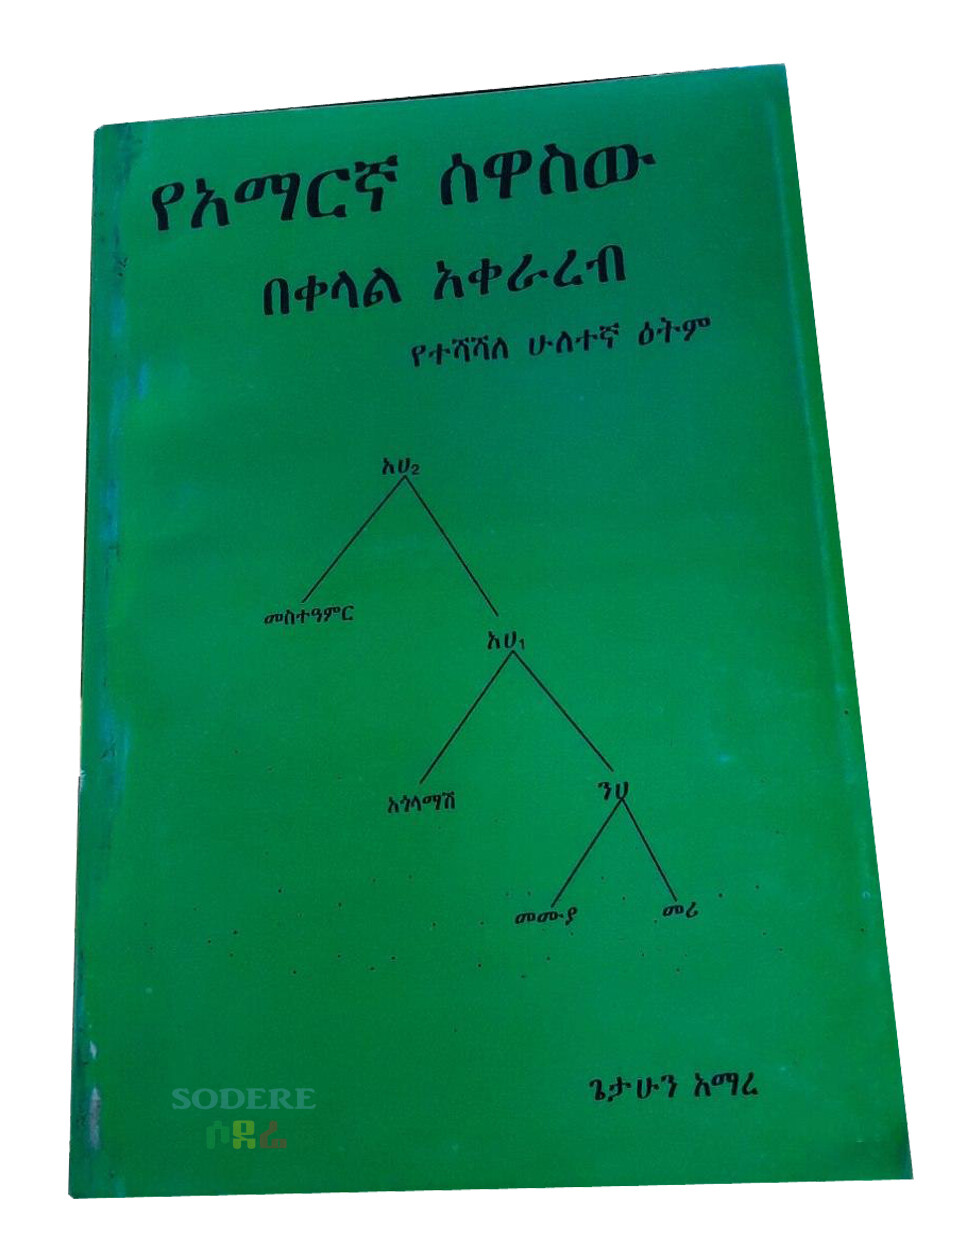 የአማርኛ ሰዋሰው በቀላል አቀራረብ 2ኛ እትም Amharic Grammar By Getahun Amare